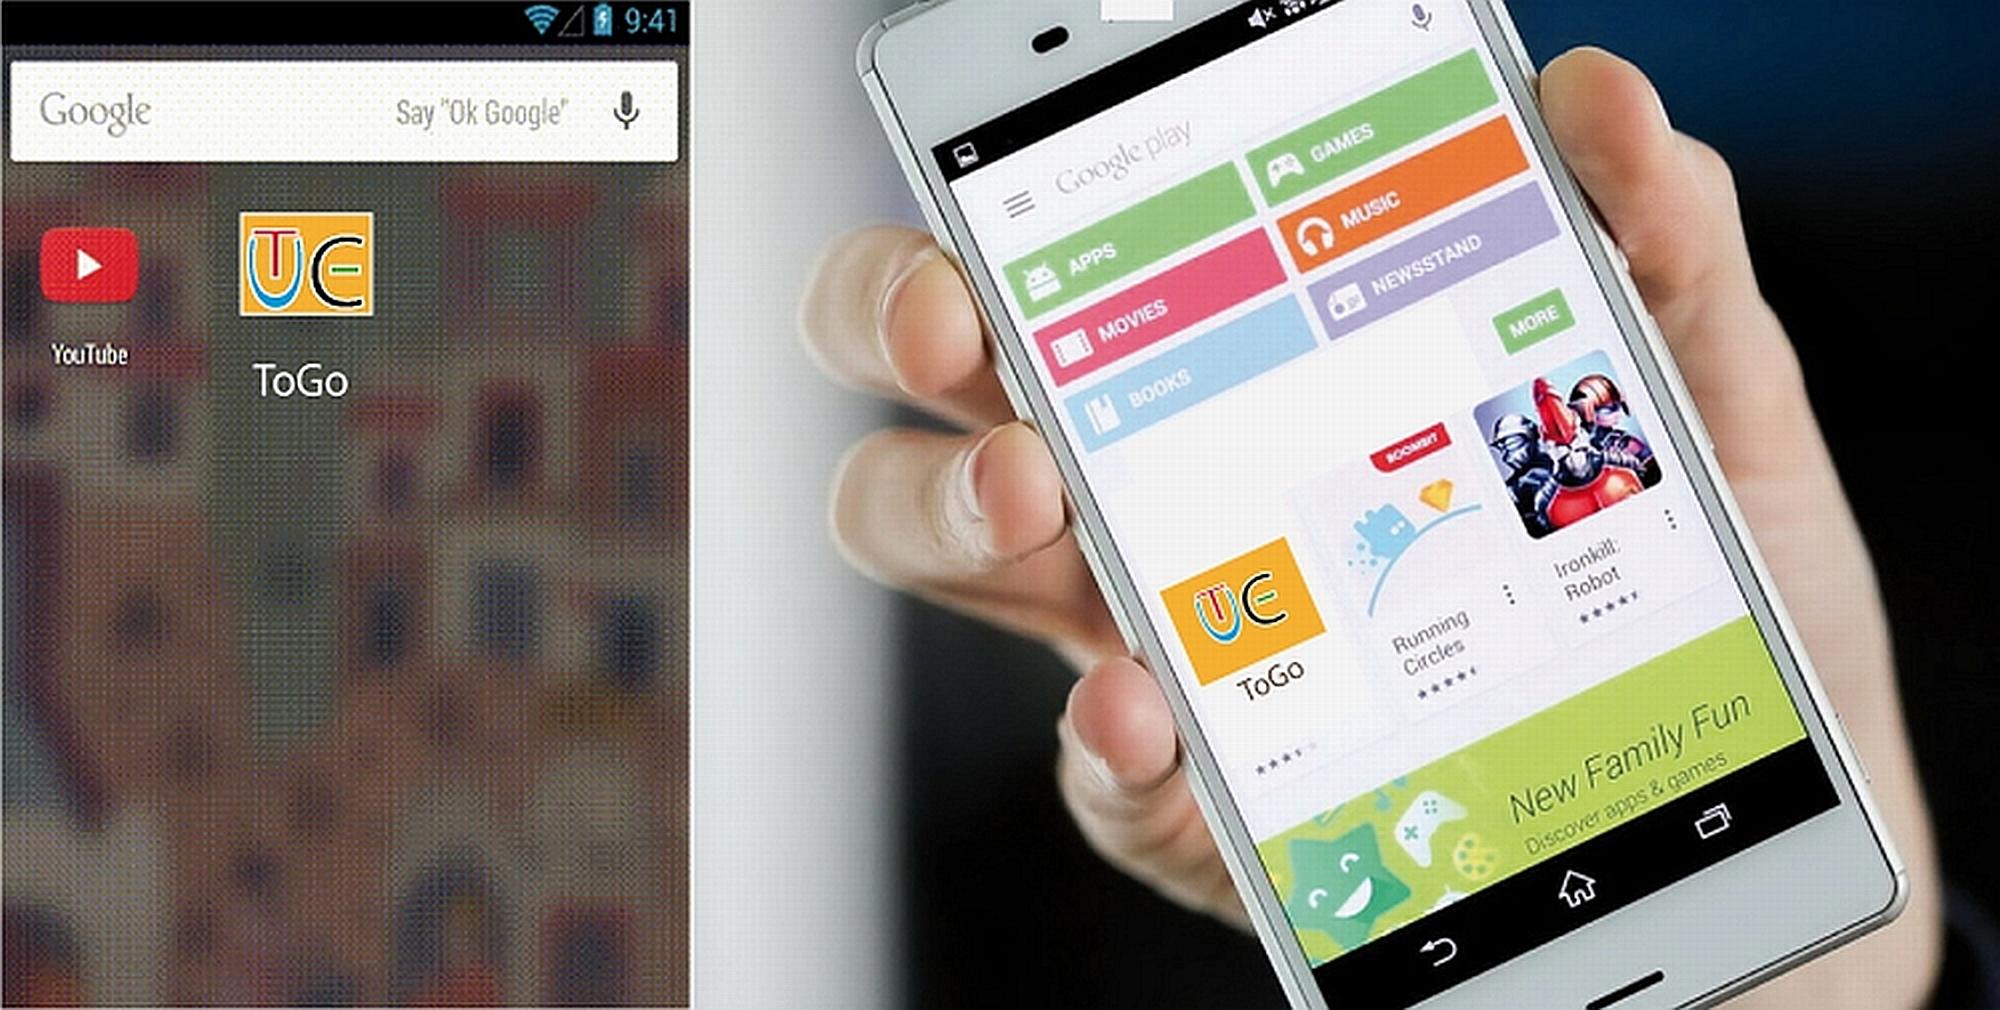 Разработать логотип и экран загрузки приложения фото f_4205a80c6cca591c.jpg